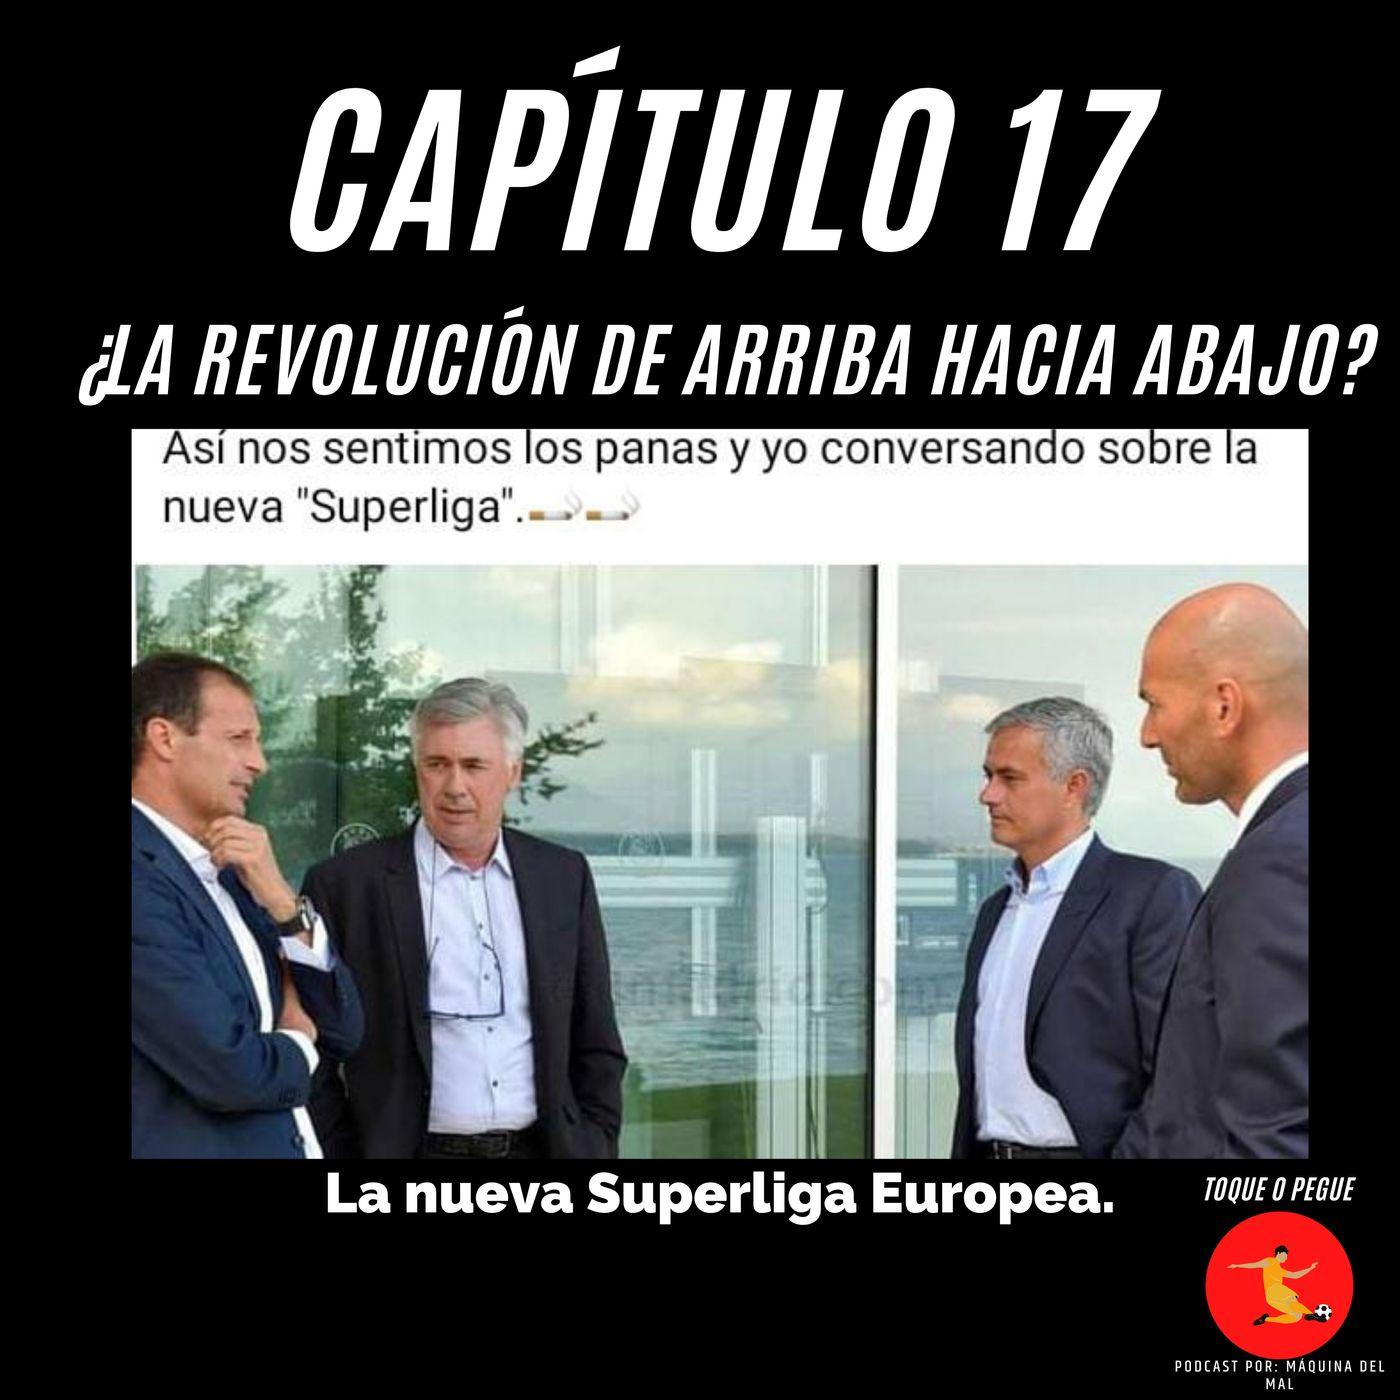 Capítulo 17: Superliga Europea ¿La revolución de arriba hacia abajo?